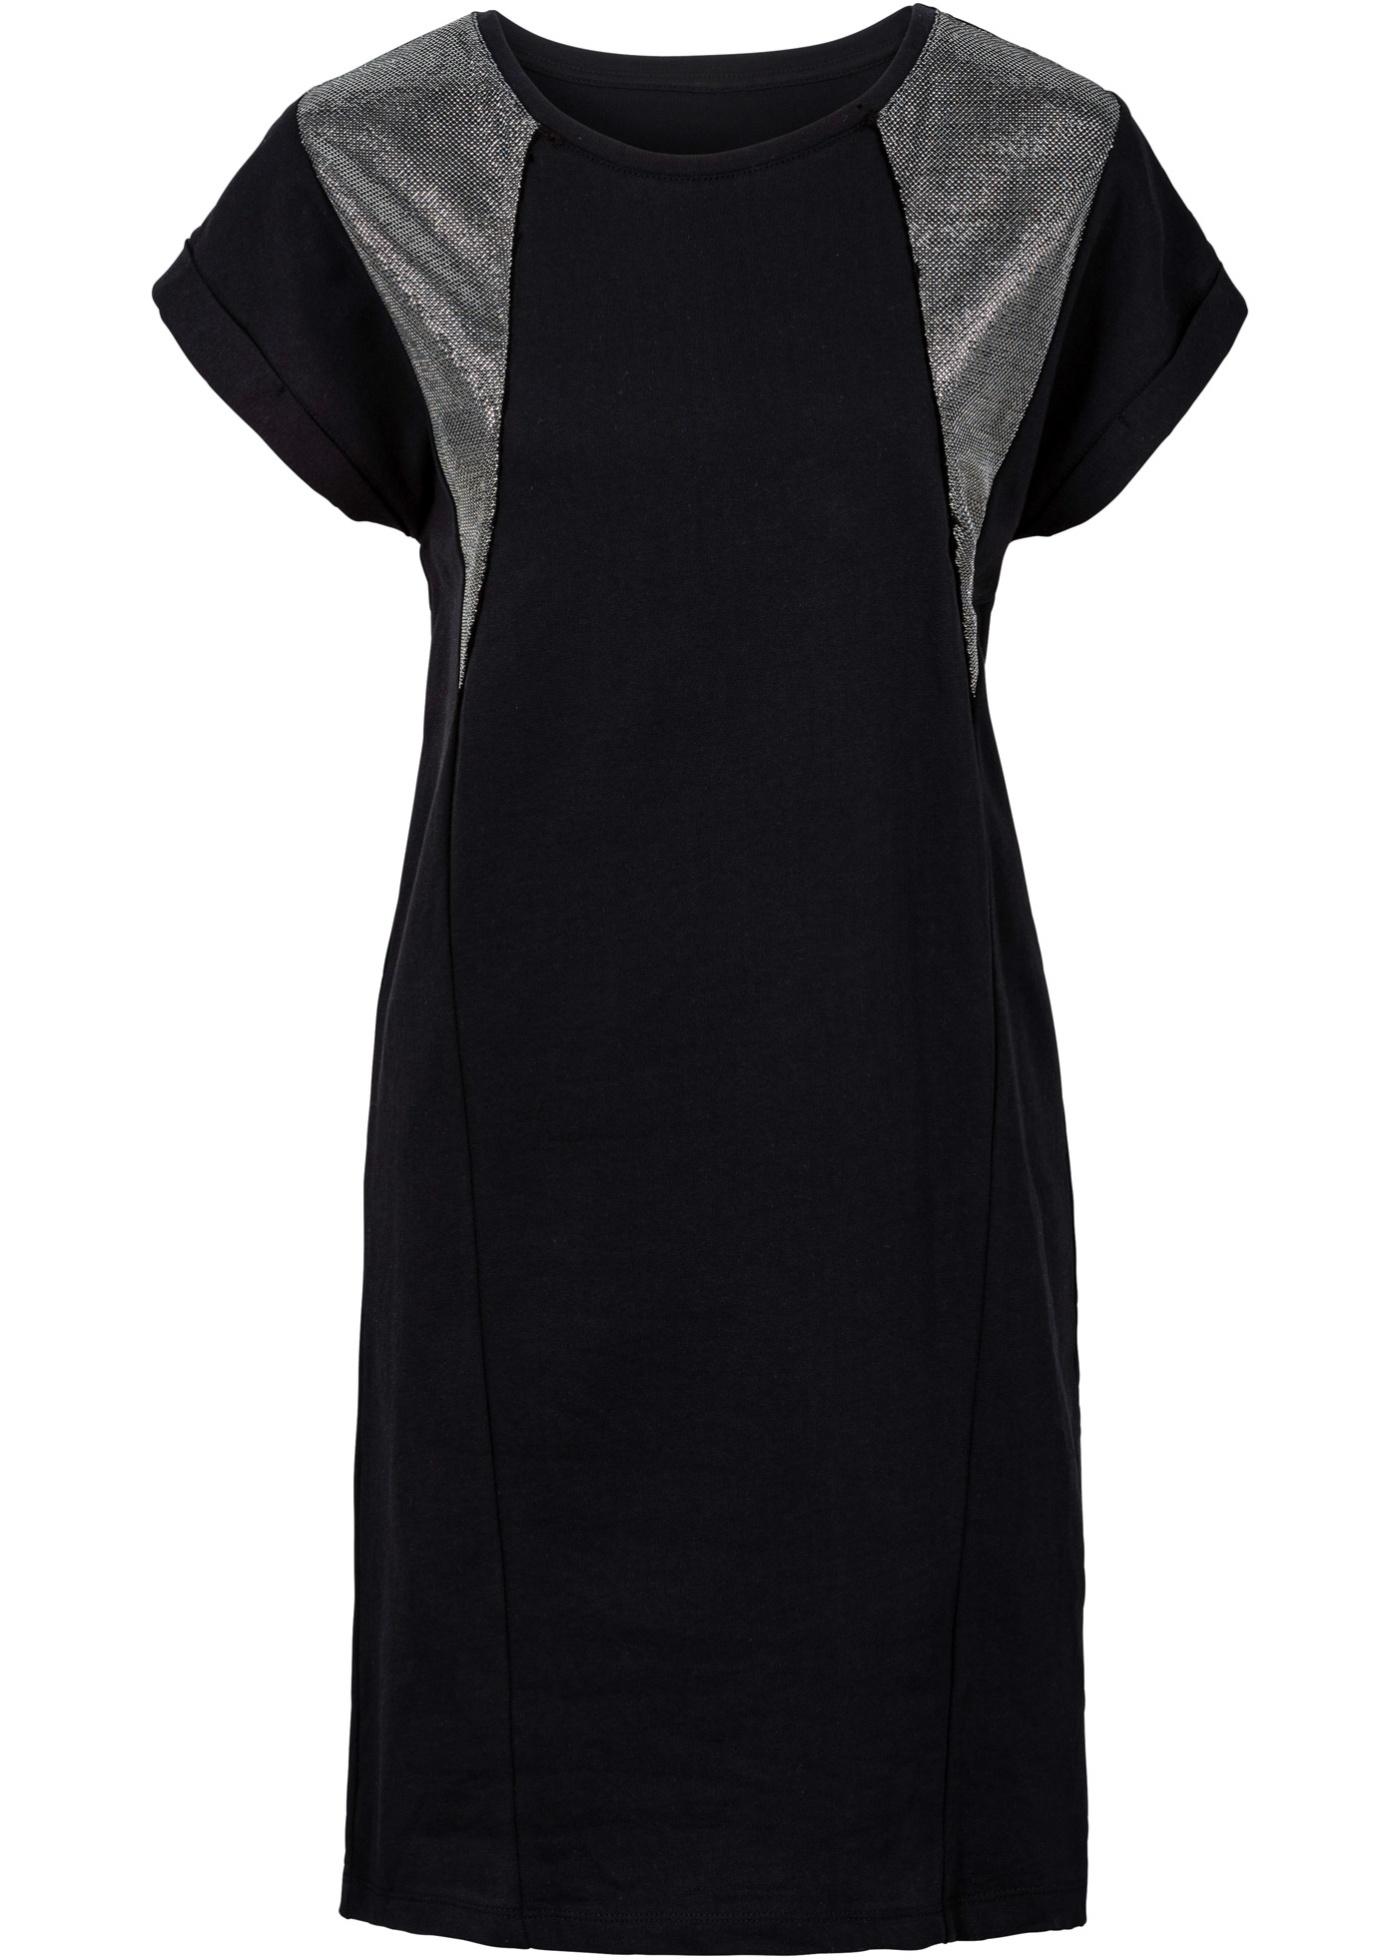 Rainbow Shirtkleid/Sommerkleid kurzer Arm  in schwarz von bonprix